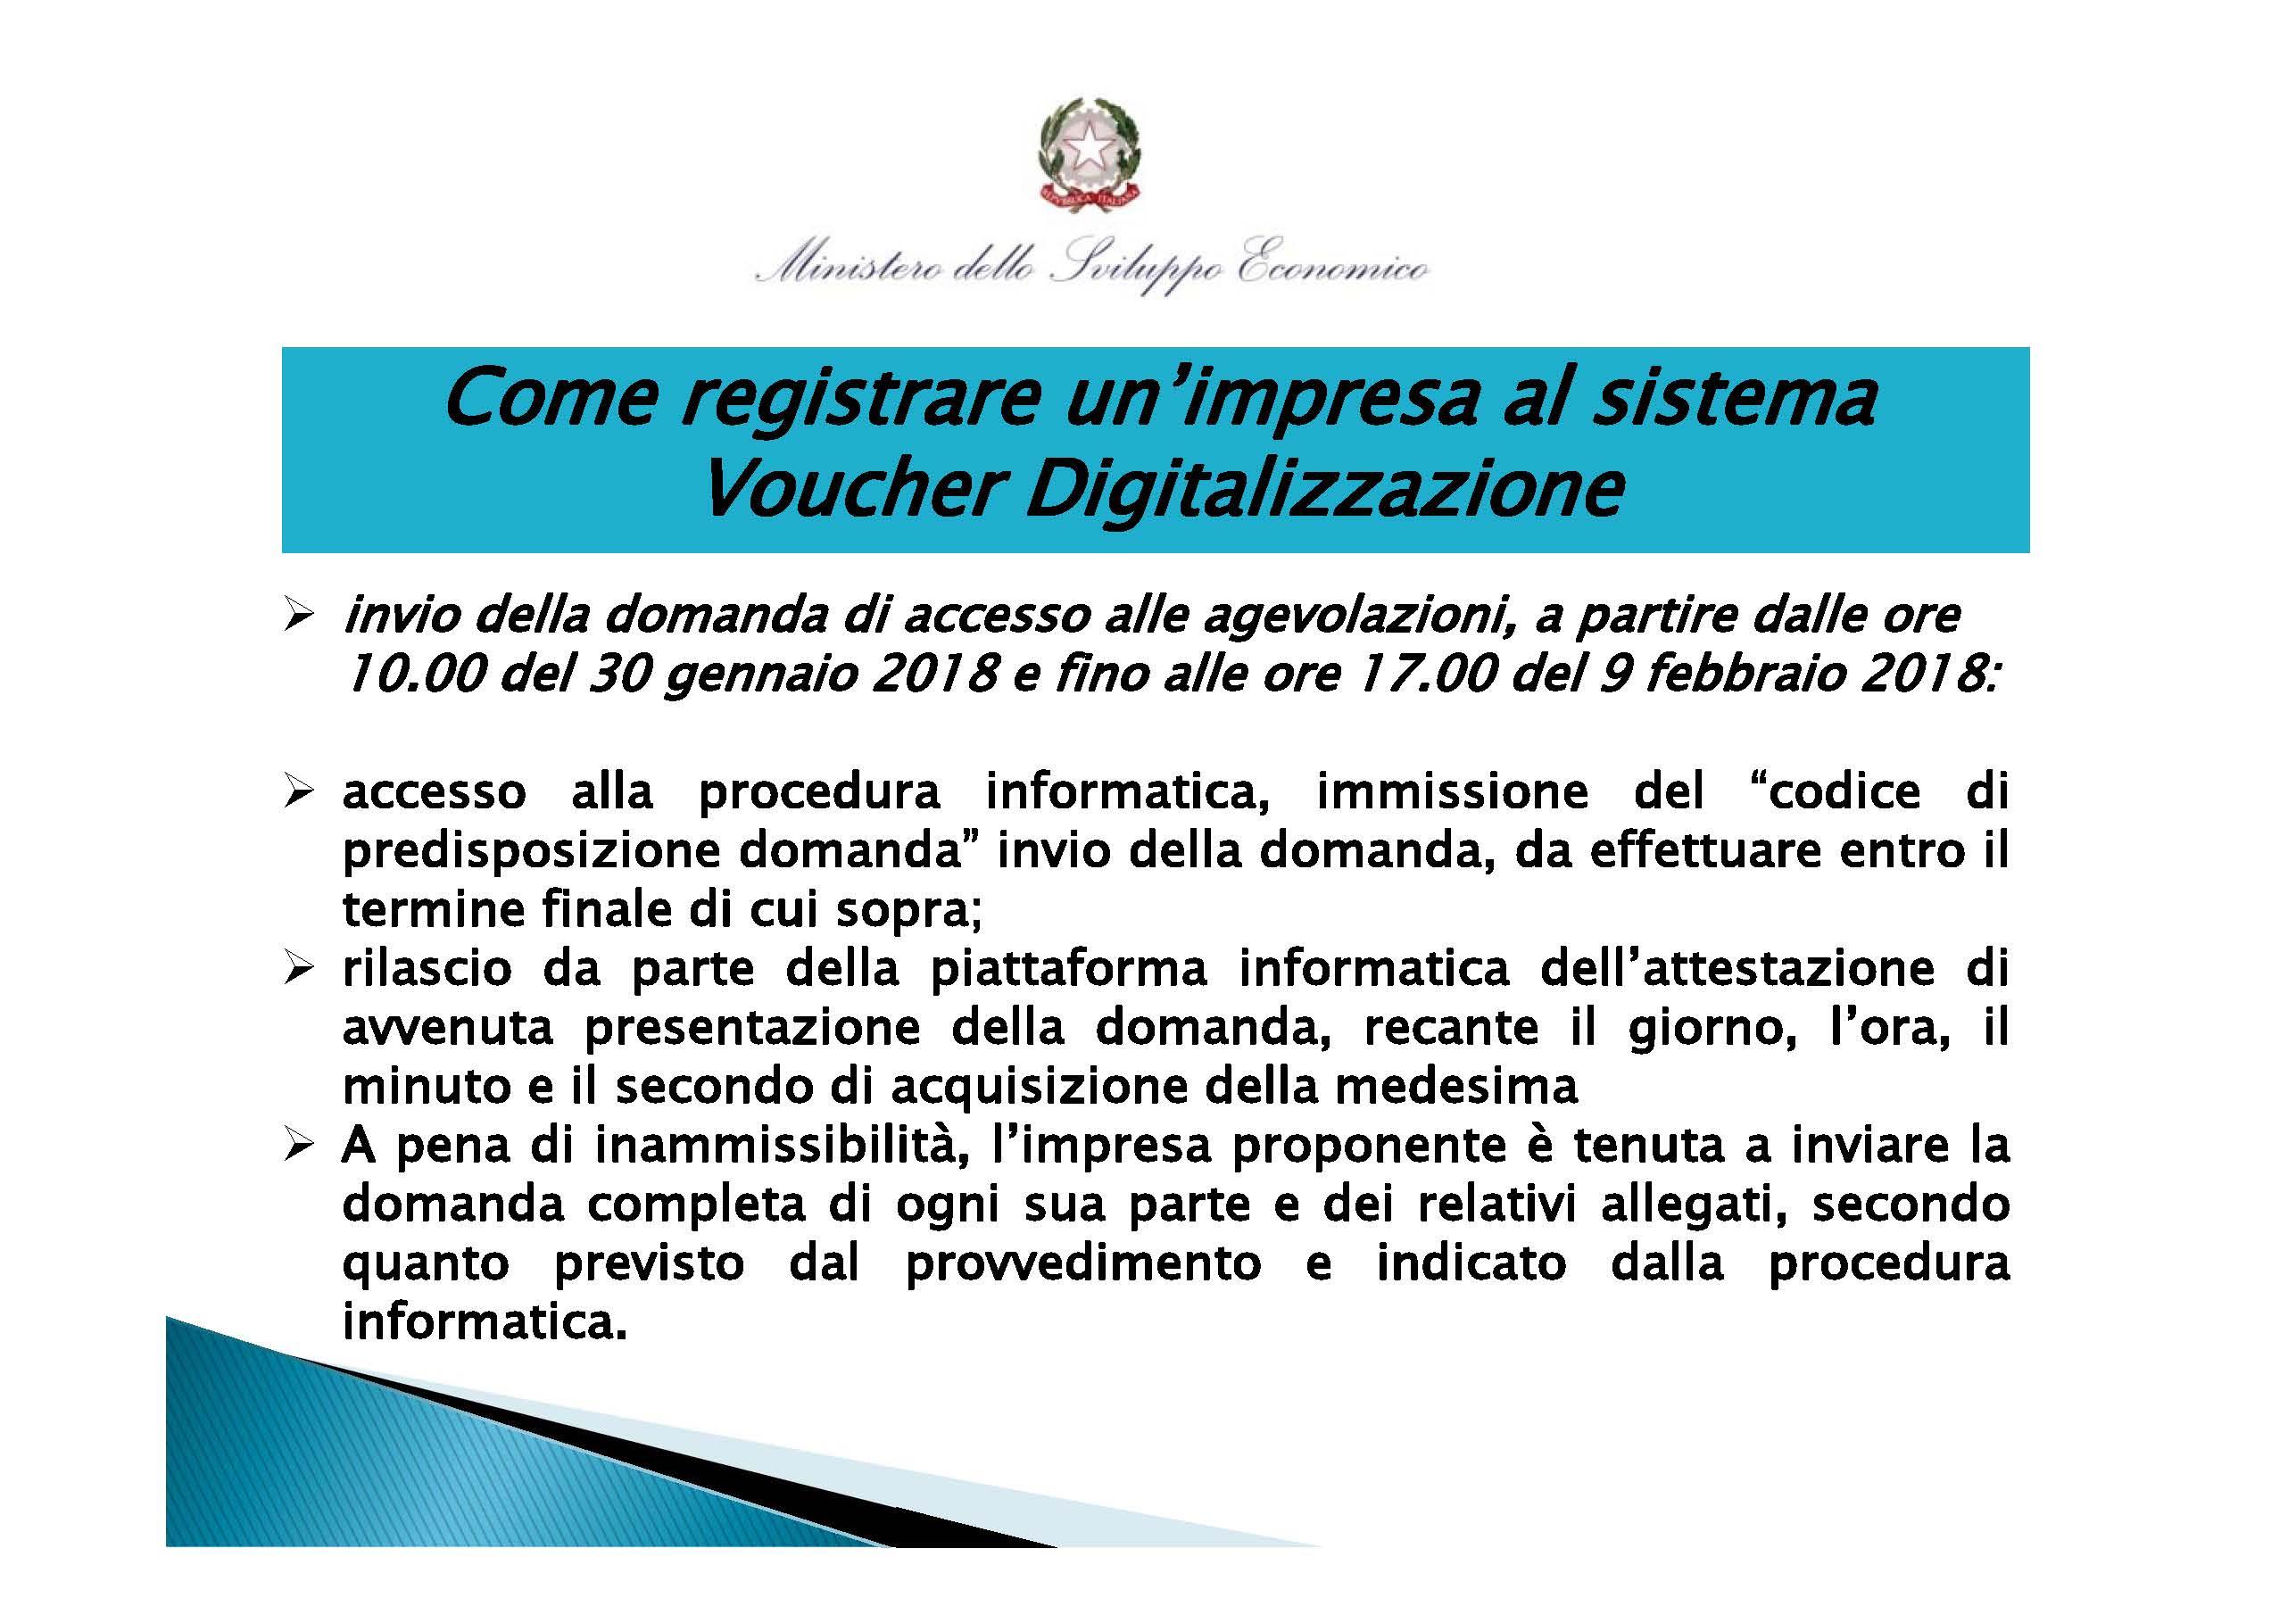 voucher-digitalizzazione-slide-bandoni_pagina_16